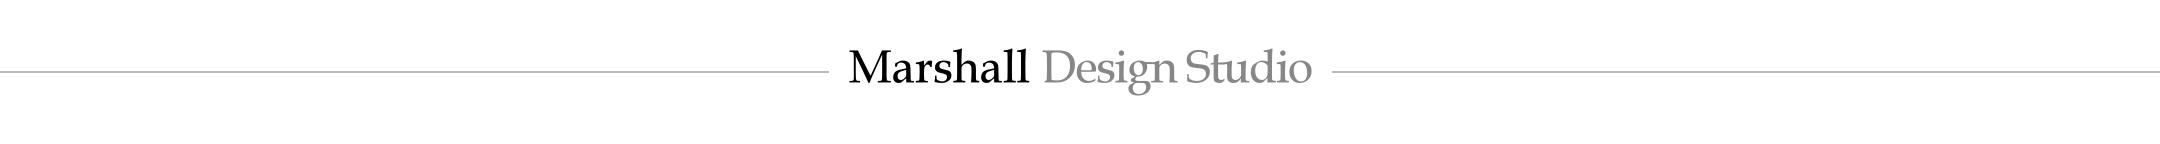 logo line for Marshall Design Studio